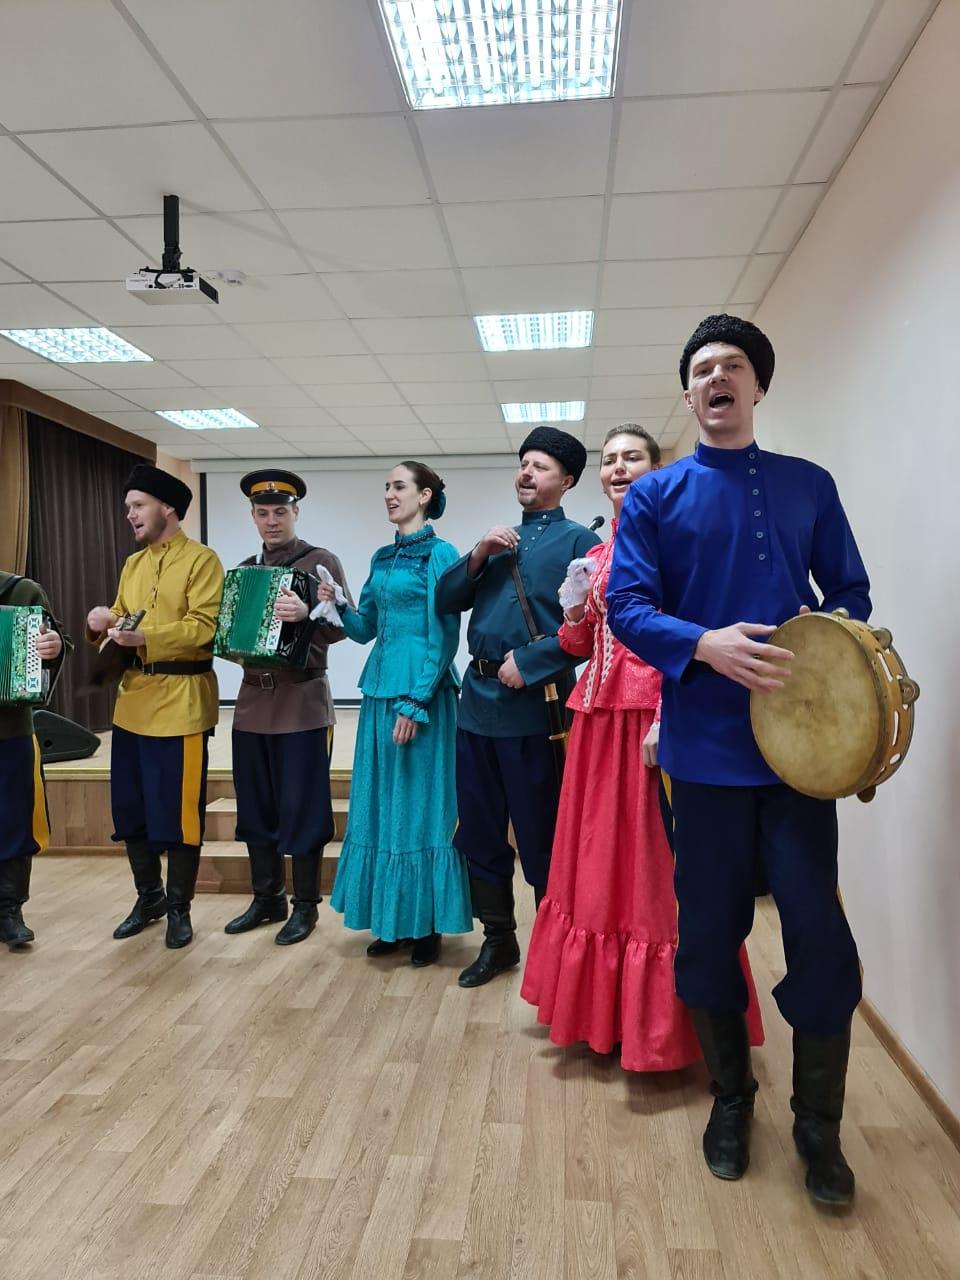 В Доме дружбы прошёл концерт в честь воссоединения Крыма с Россией